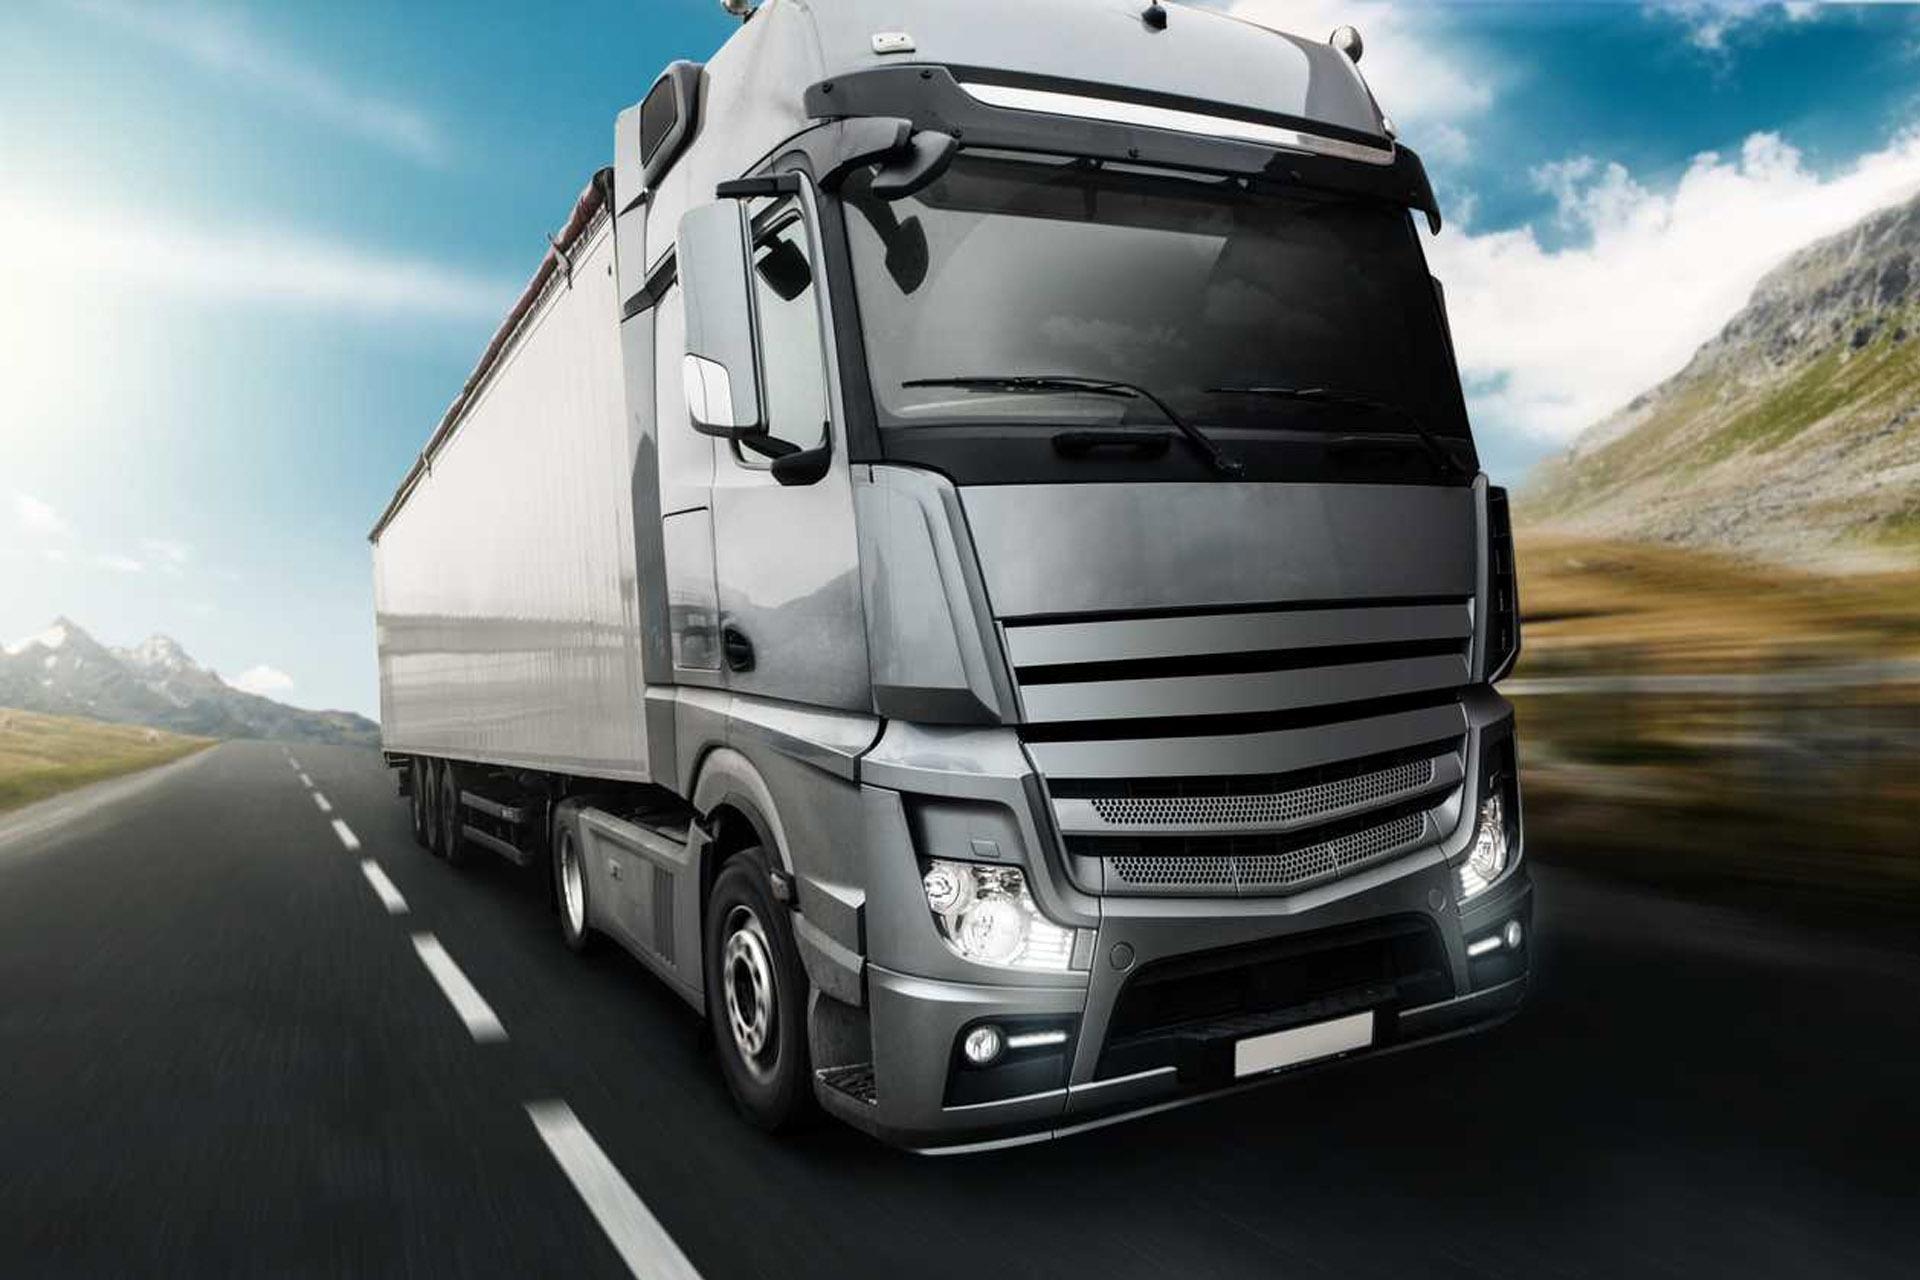 Truck usato: le regole base per un acquisto sicuro